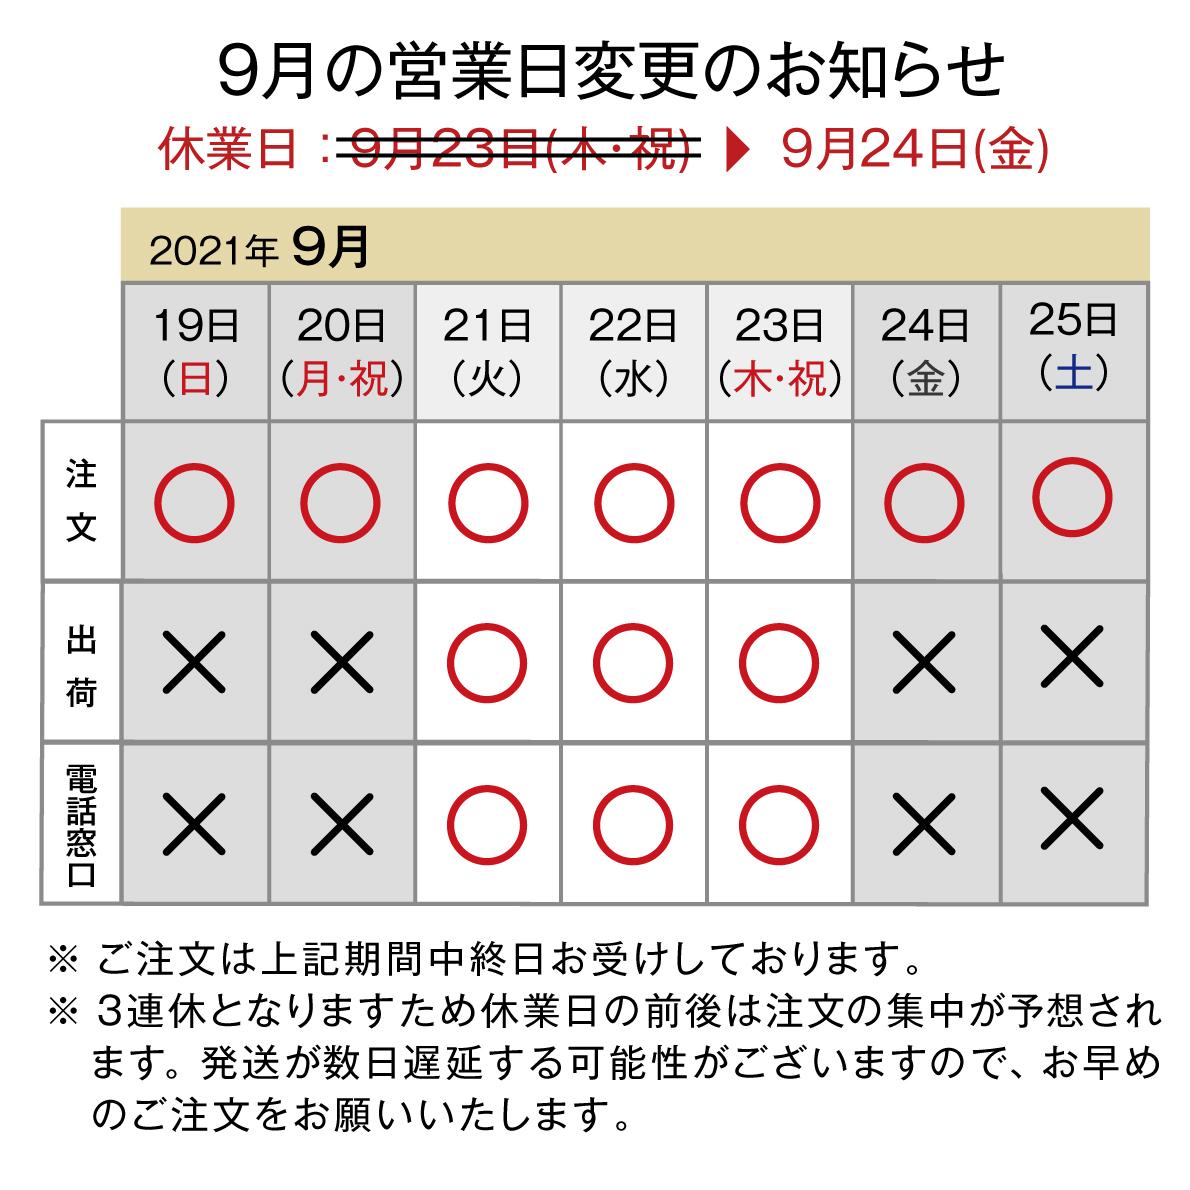 9月23日(木・祝)は営業し9月24日(金)を休業します。